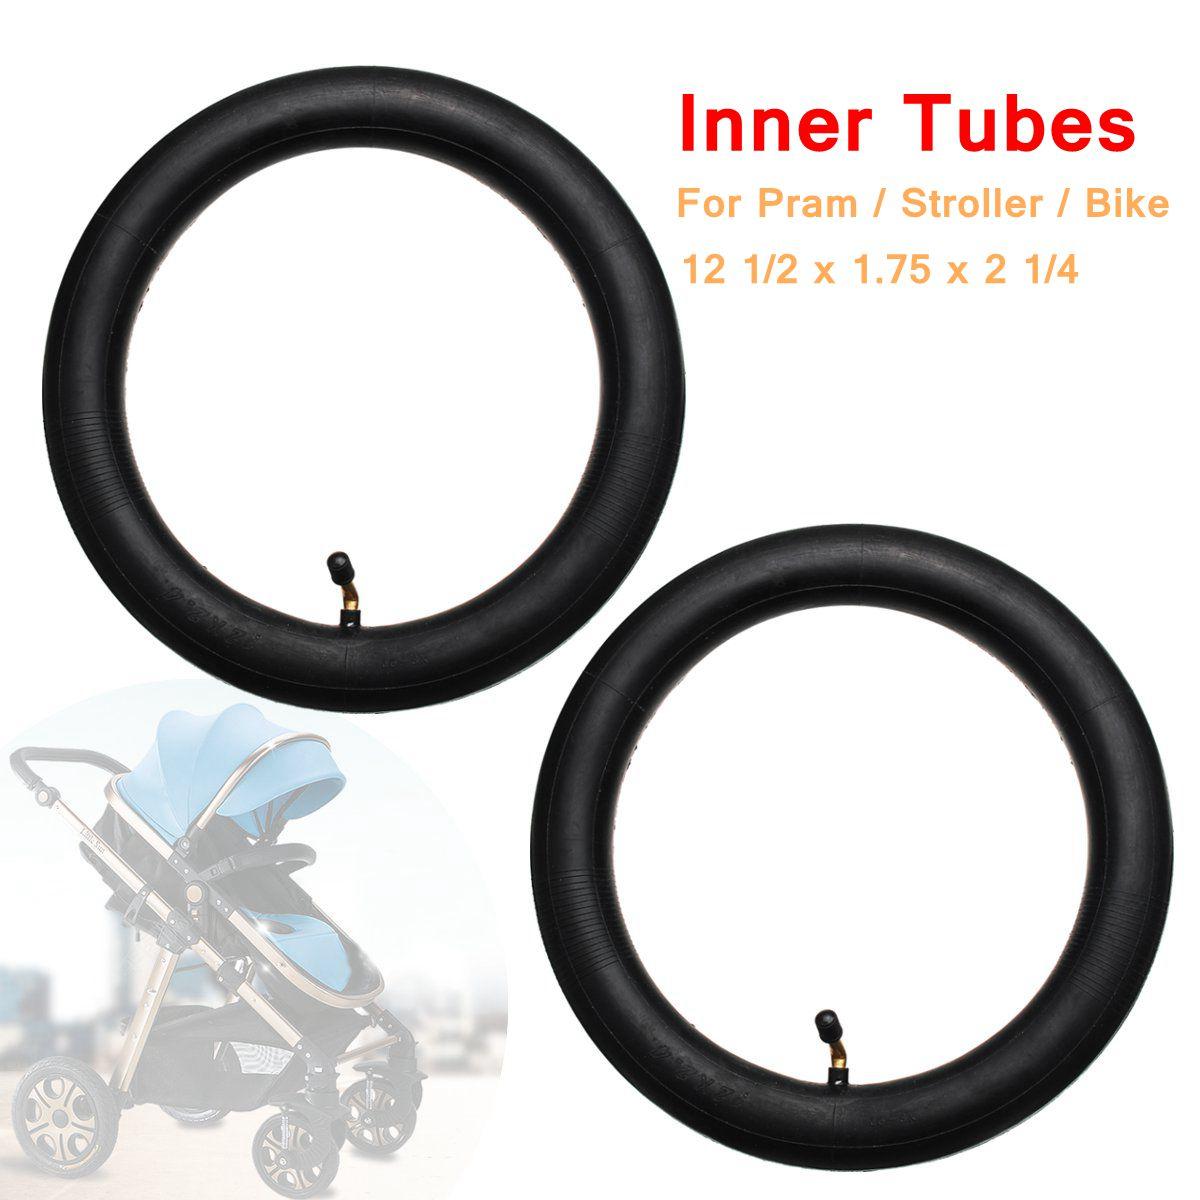 [해외]2Pcs Inner Tube Bent Valve For Hota Pram Stroller Kid Bike 12 1/2 x 1.75 x 2 1/4/2Pcs Inner Tube Bent Valve For Hota Pram Stroller Kid B